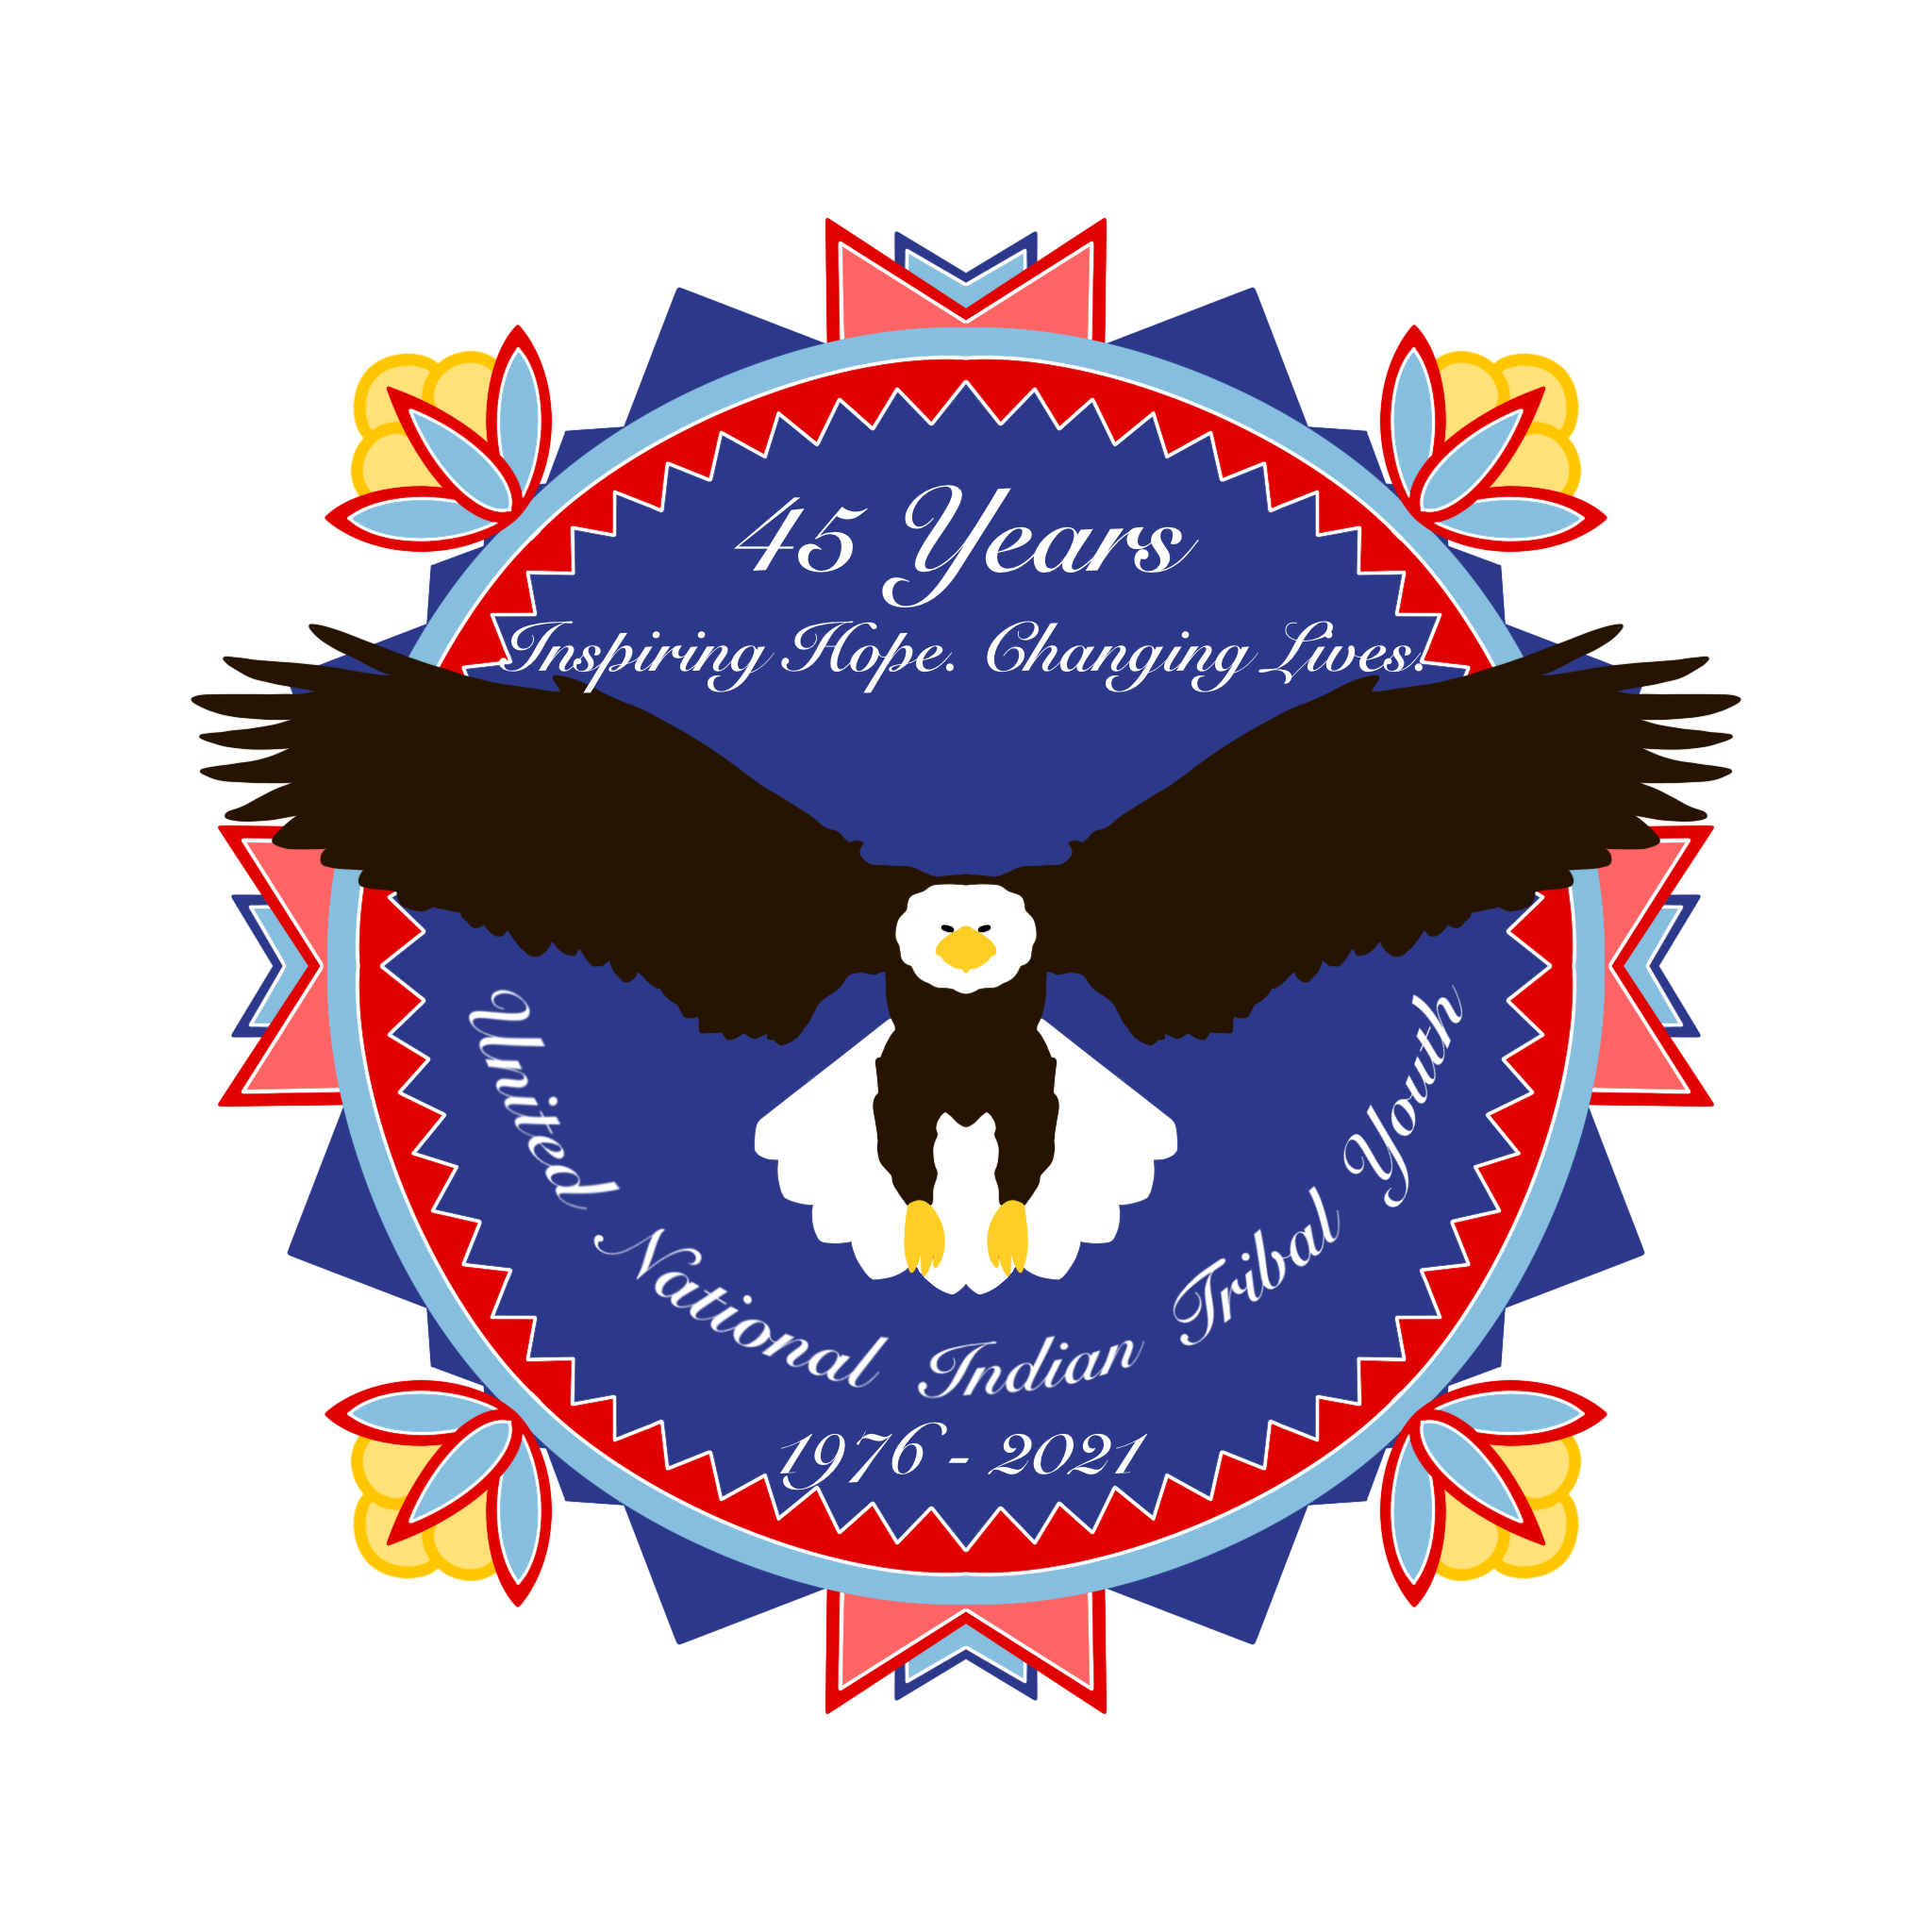 UNITY Celebrates 45 Years Empowering Native Youth